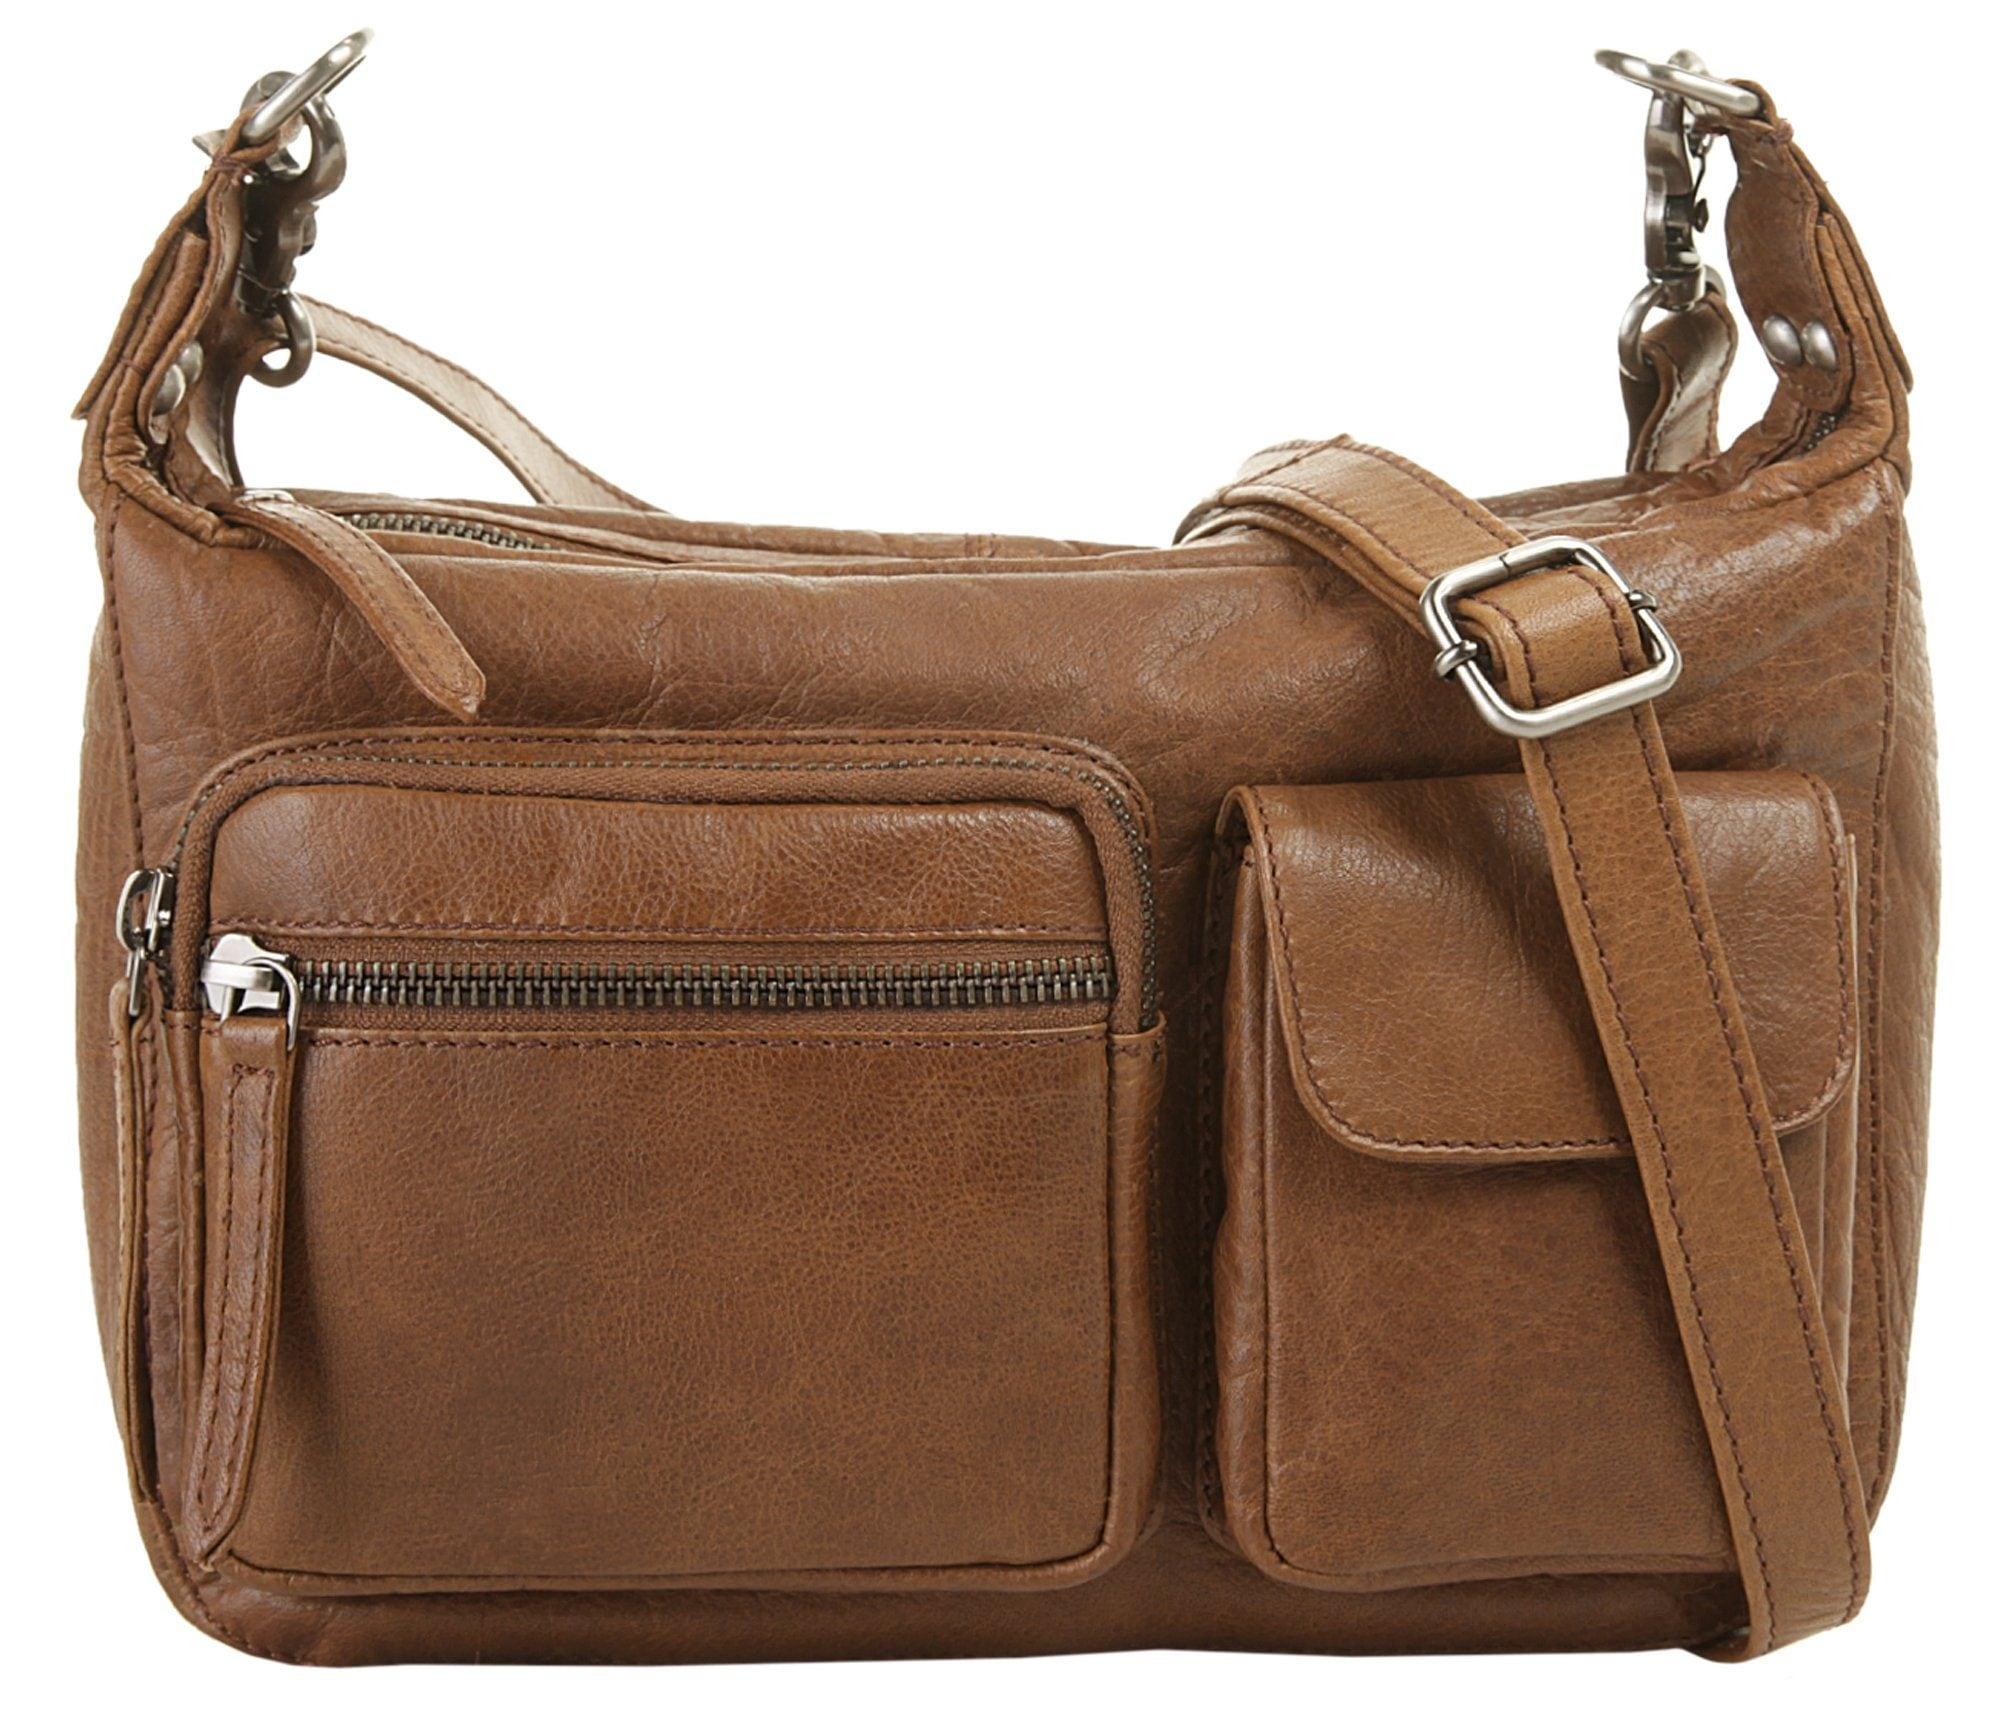 X-Zone Umhängetasche | Taschen > Handtaschen > Umhängetaschen | X-Zone